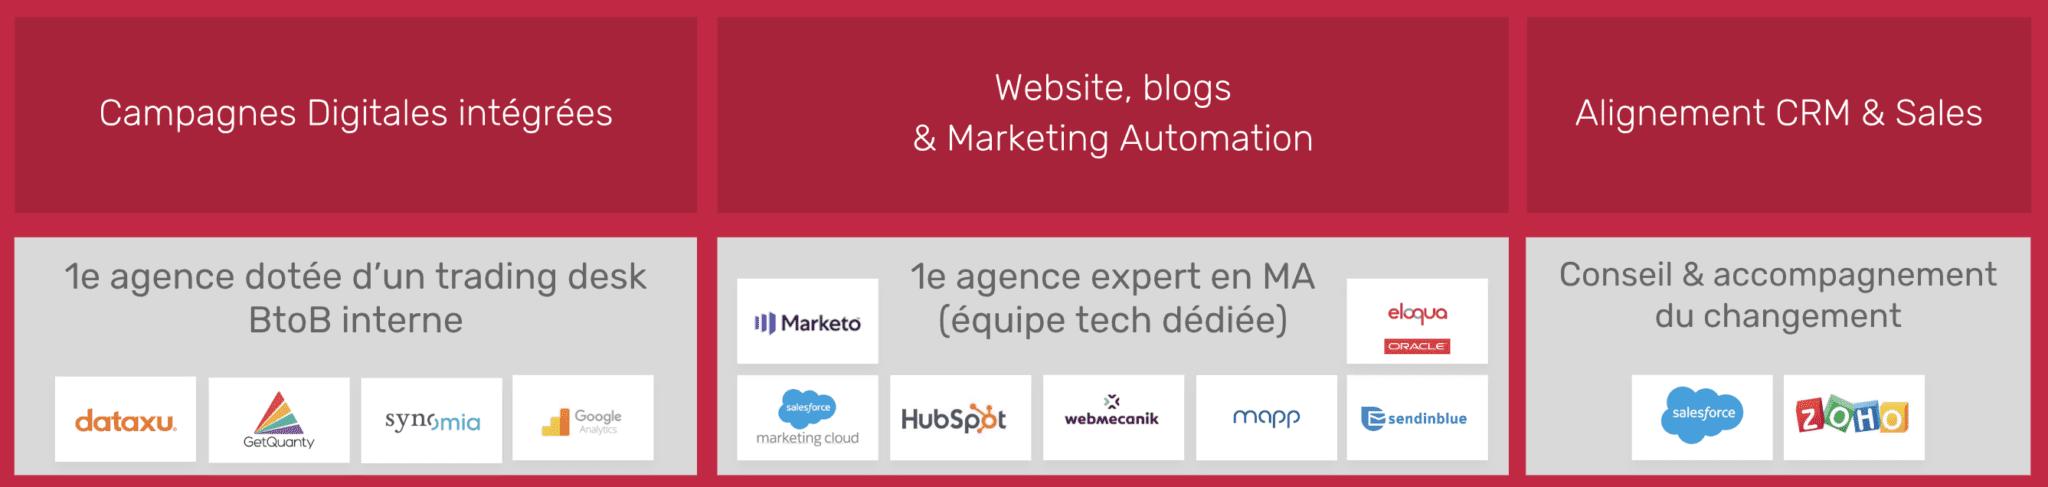 L'offre technologique intégrée de l'agence, pilotée par Iria Marquès.